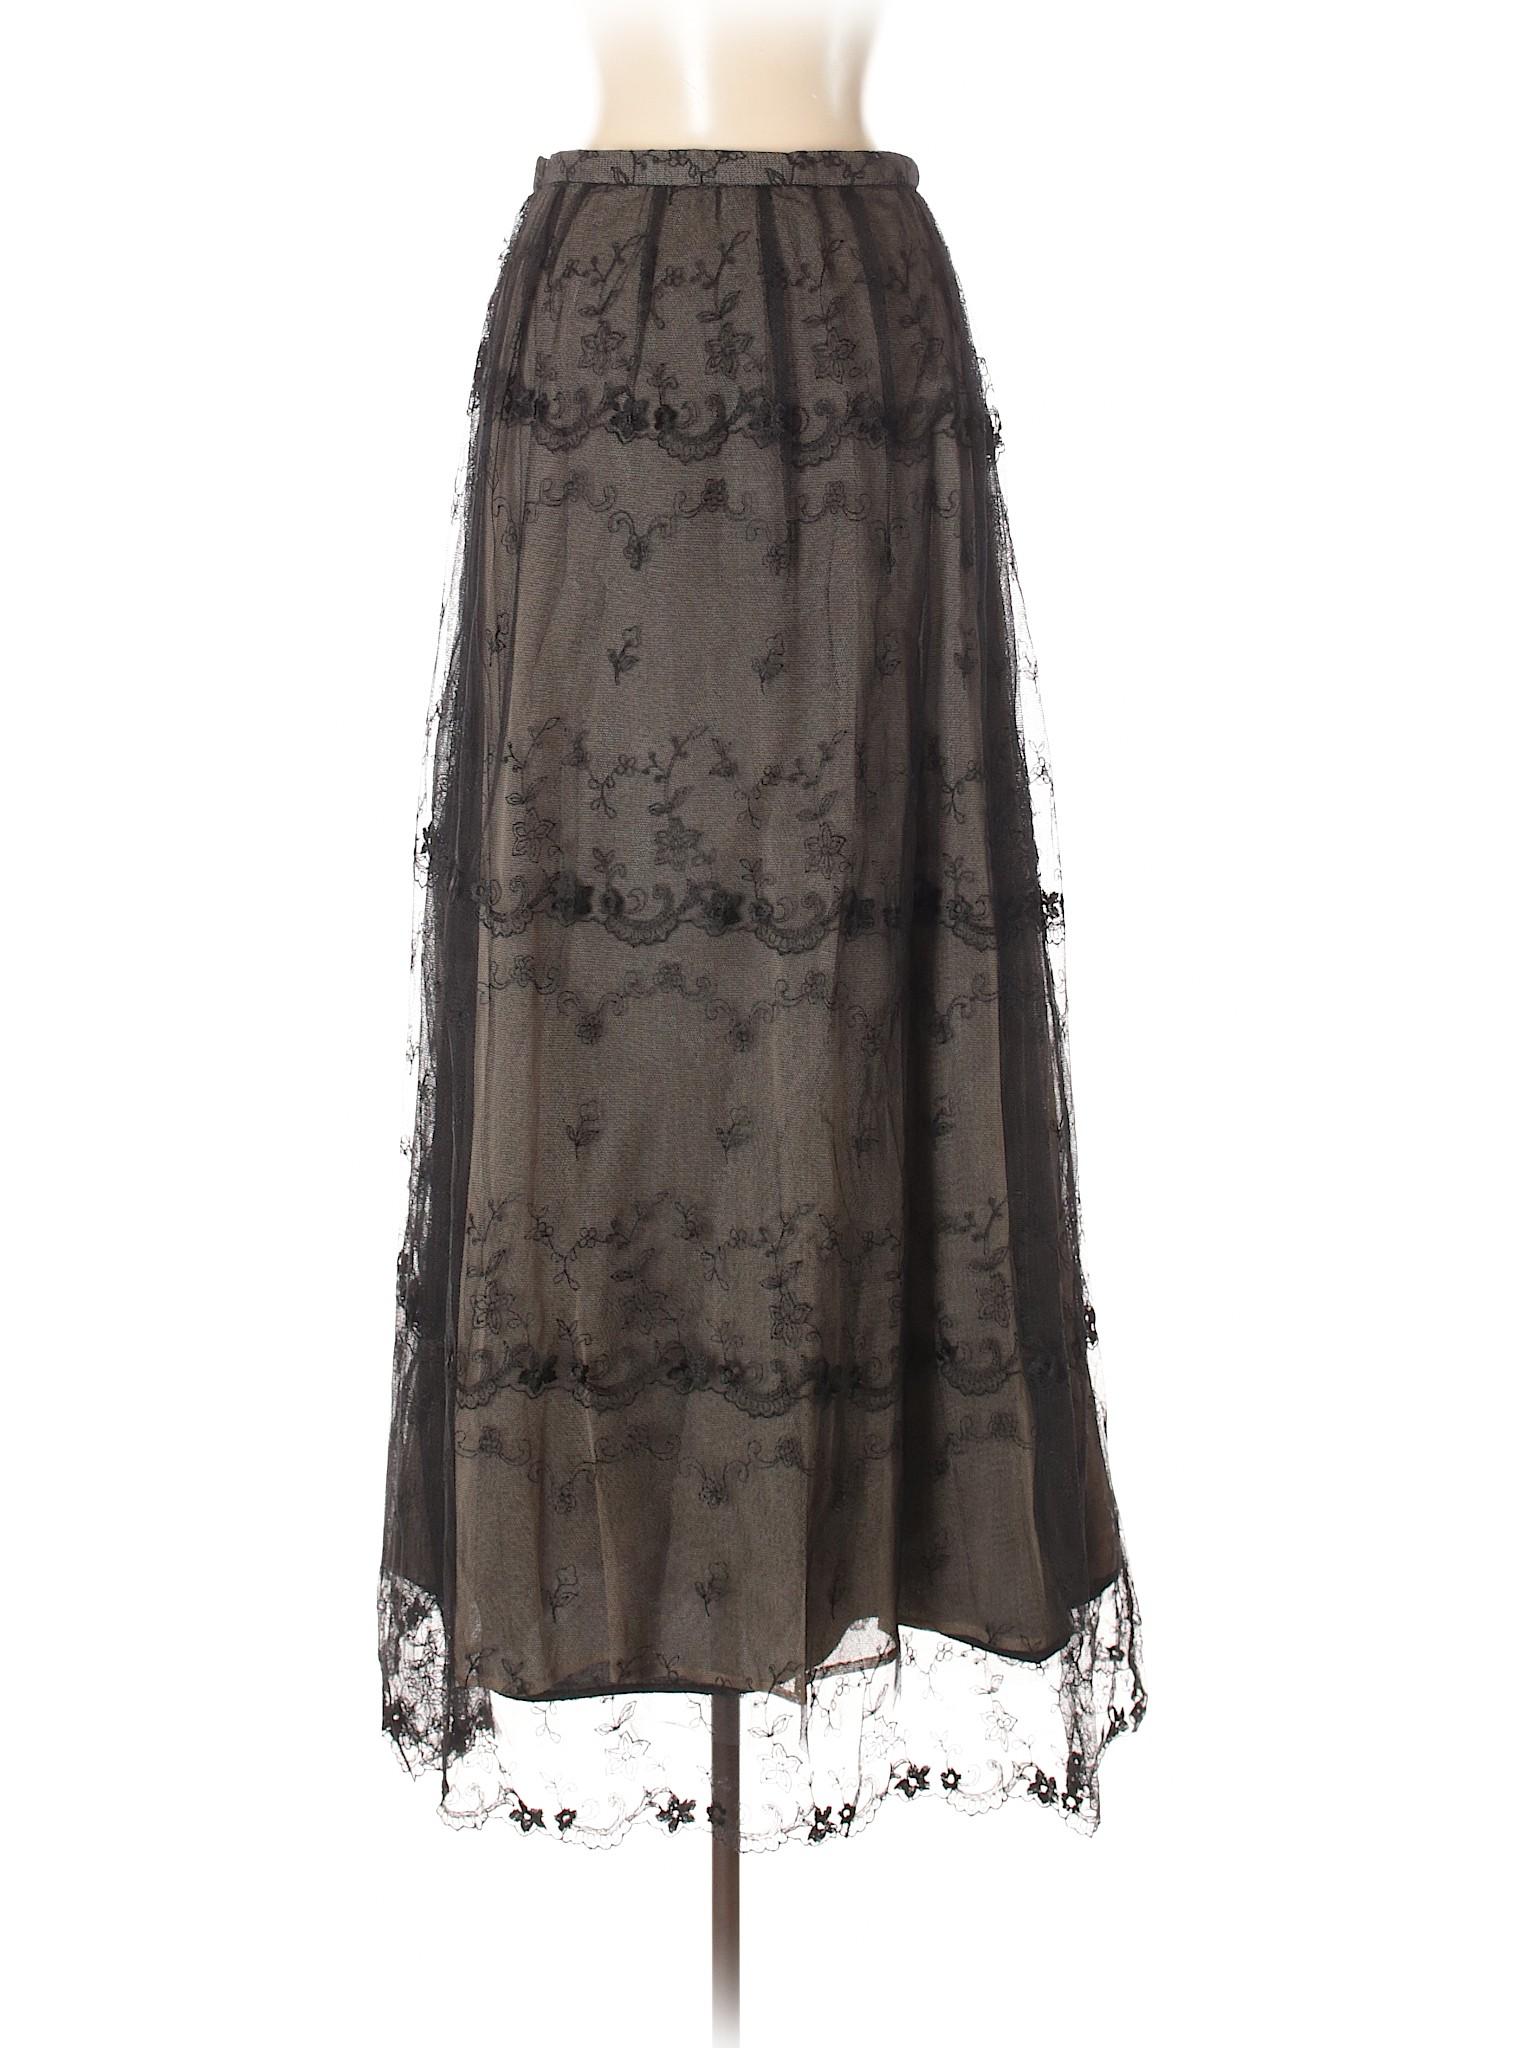 Skirt Formal Boutique Skirt Boutique Boutique Skirt Formal Boutique Formal Formal Skirt Boutique dtTxFqn